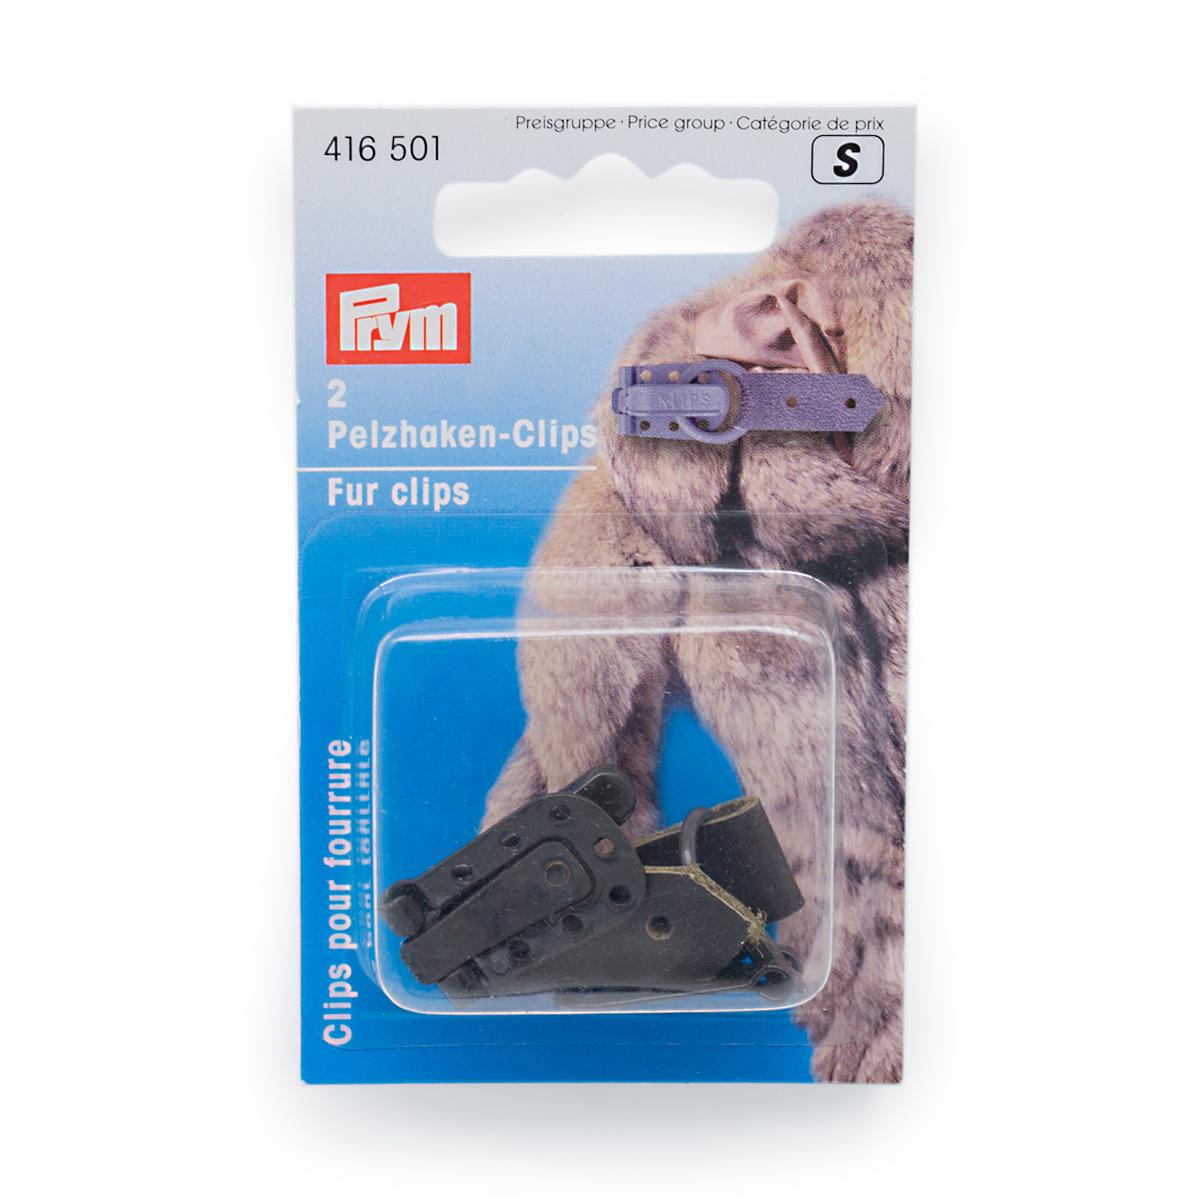 416501 Клипса с крючком для меховых изделий, коричневый, упак./2 шт.,Prym